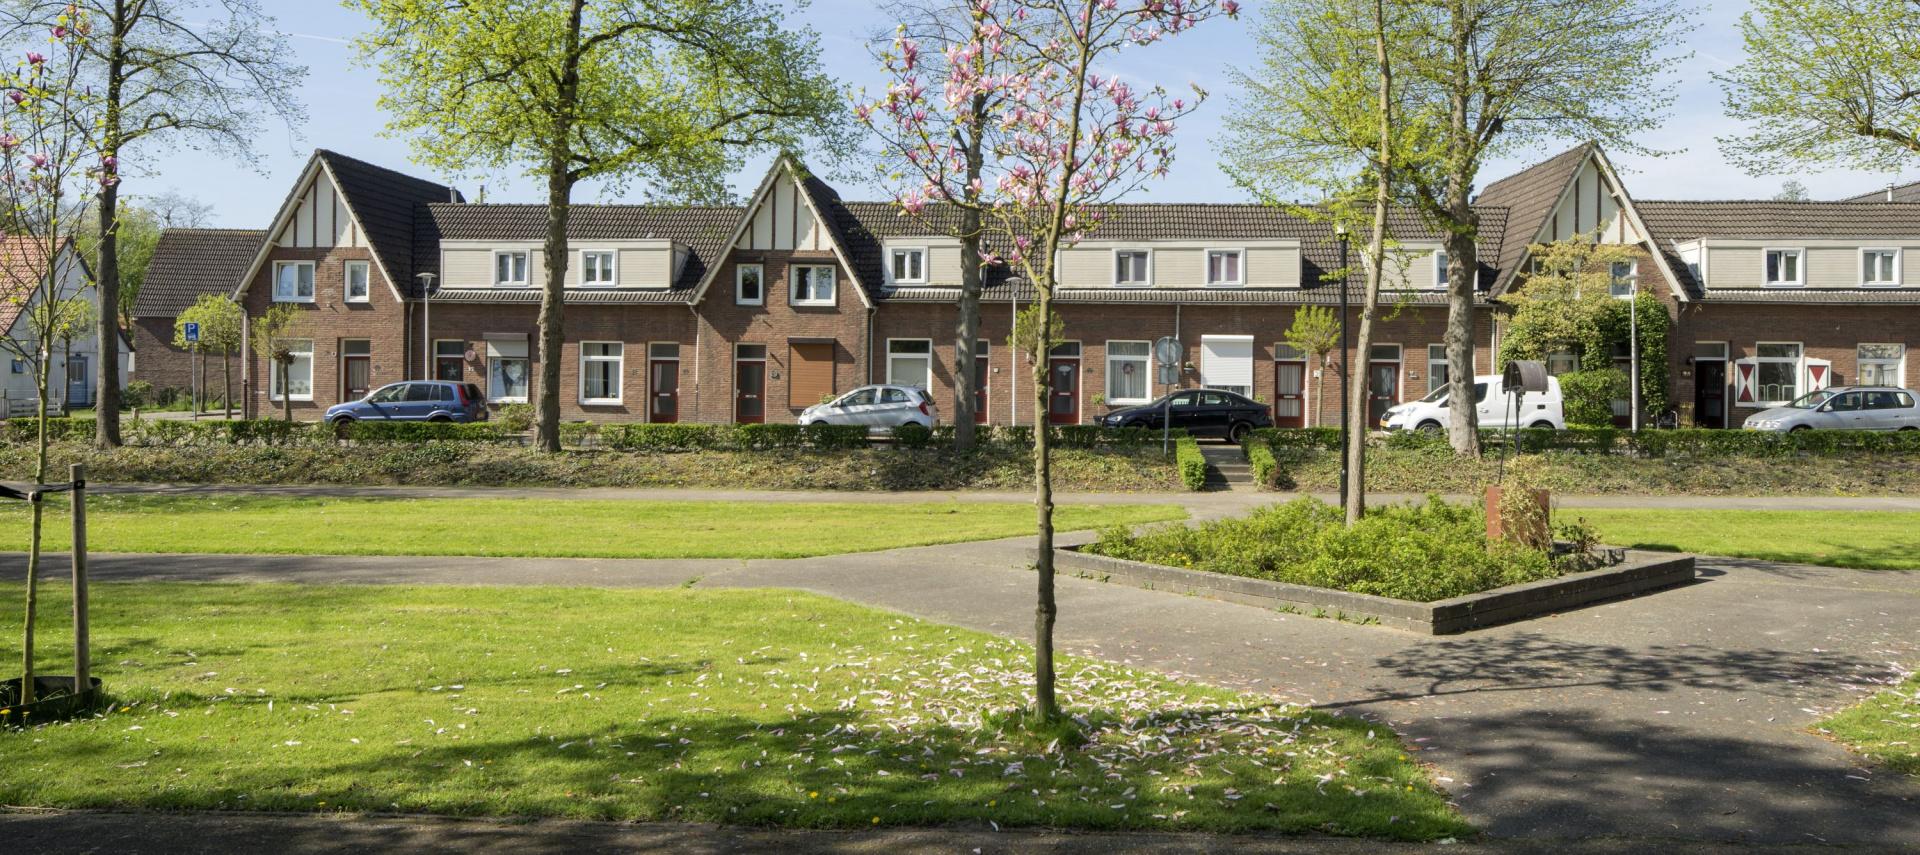 WP-PS-Hoensbroek-Horstplein-tijdelijke-verhuur-101.jpg